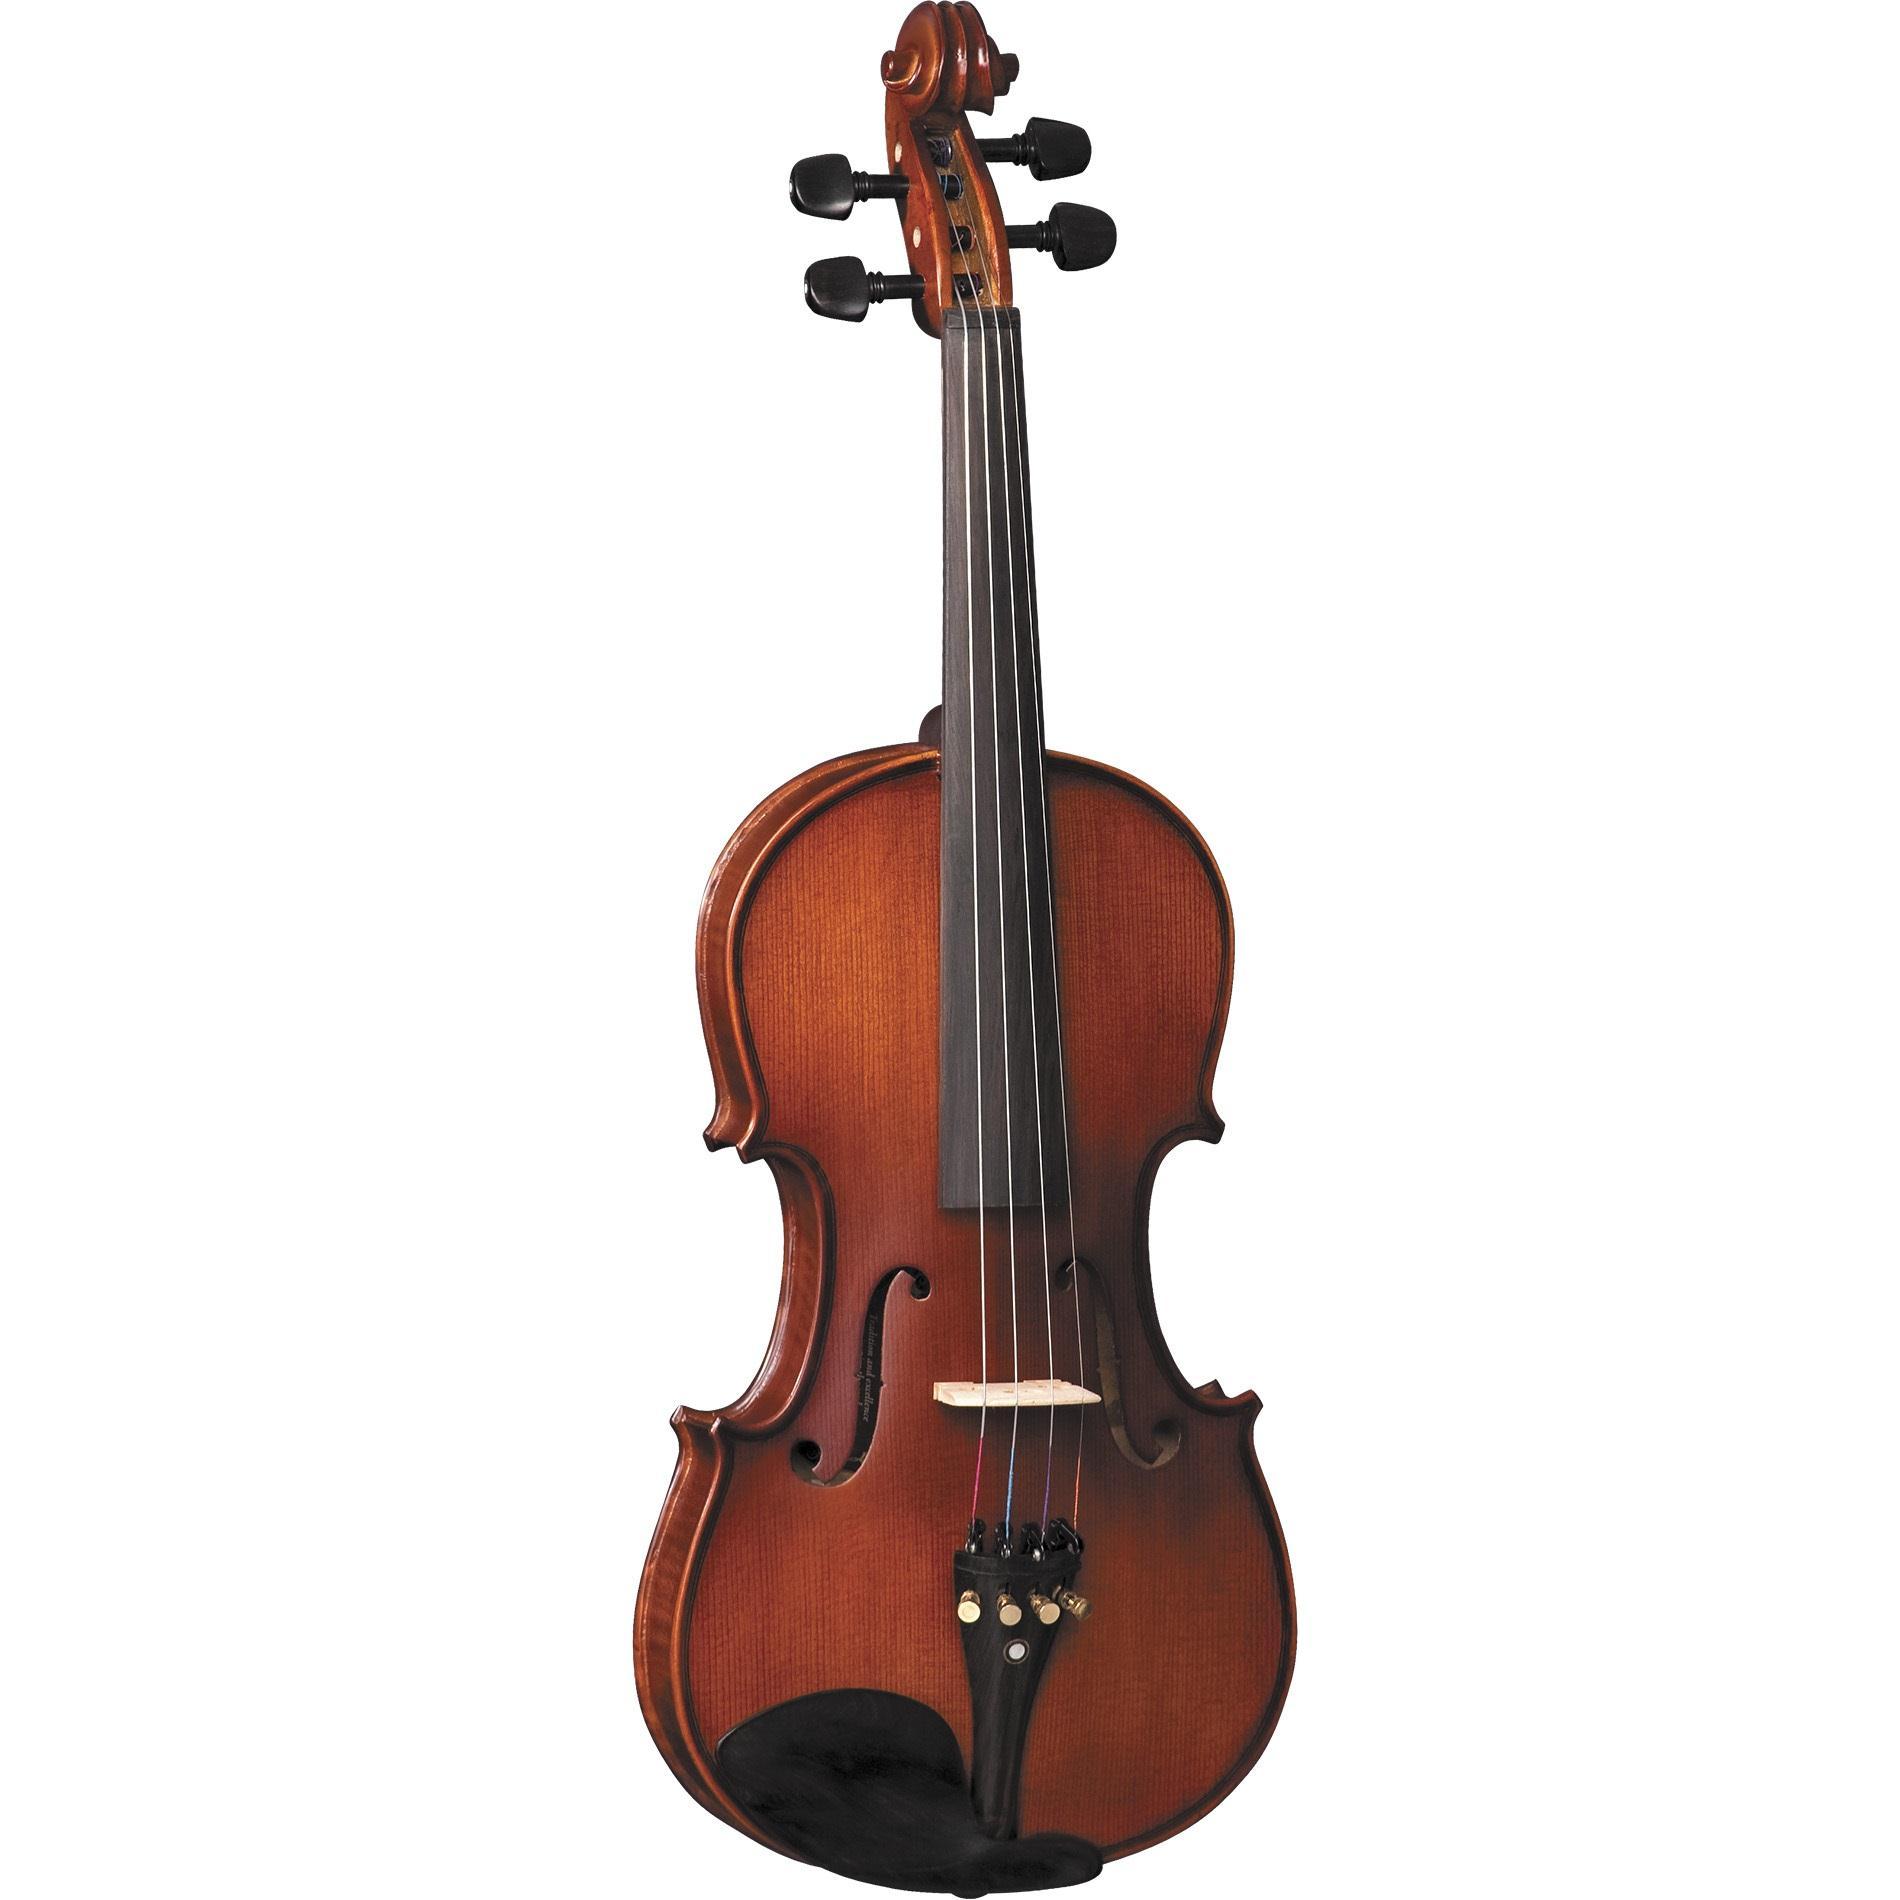 Eagle Violino 4/4 VE244 (Com Arco/Estojo/Breu)